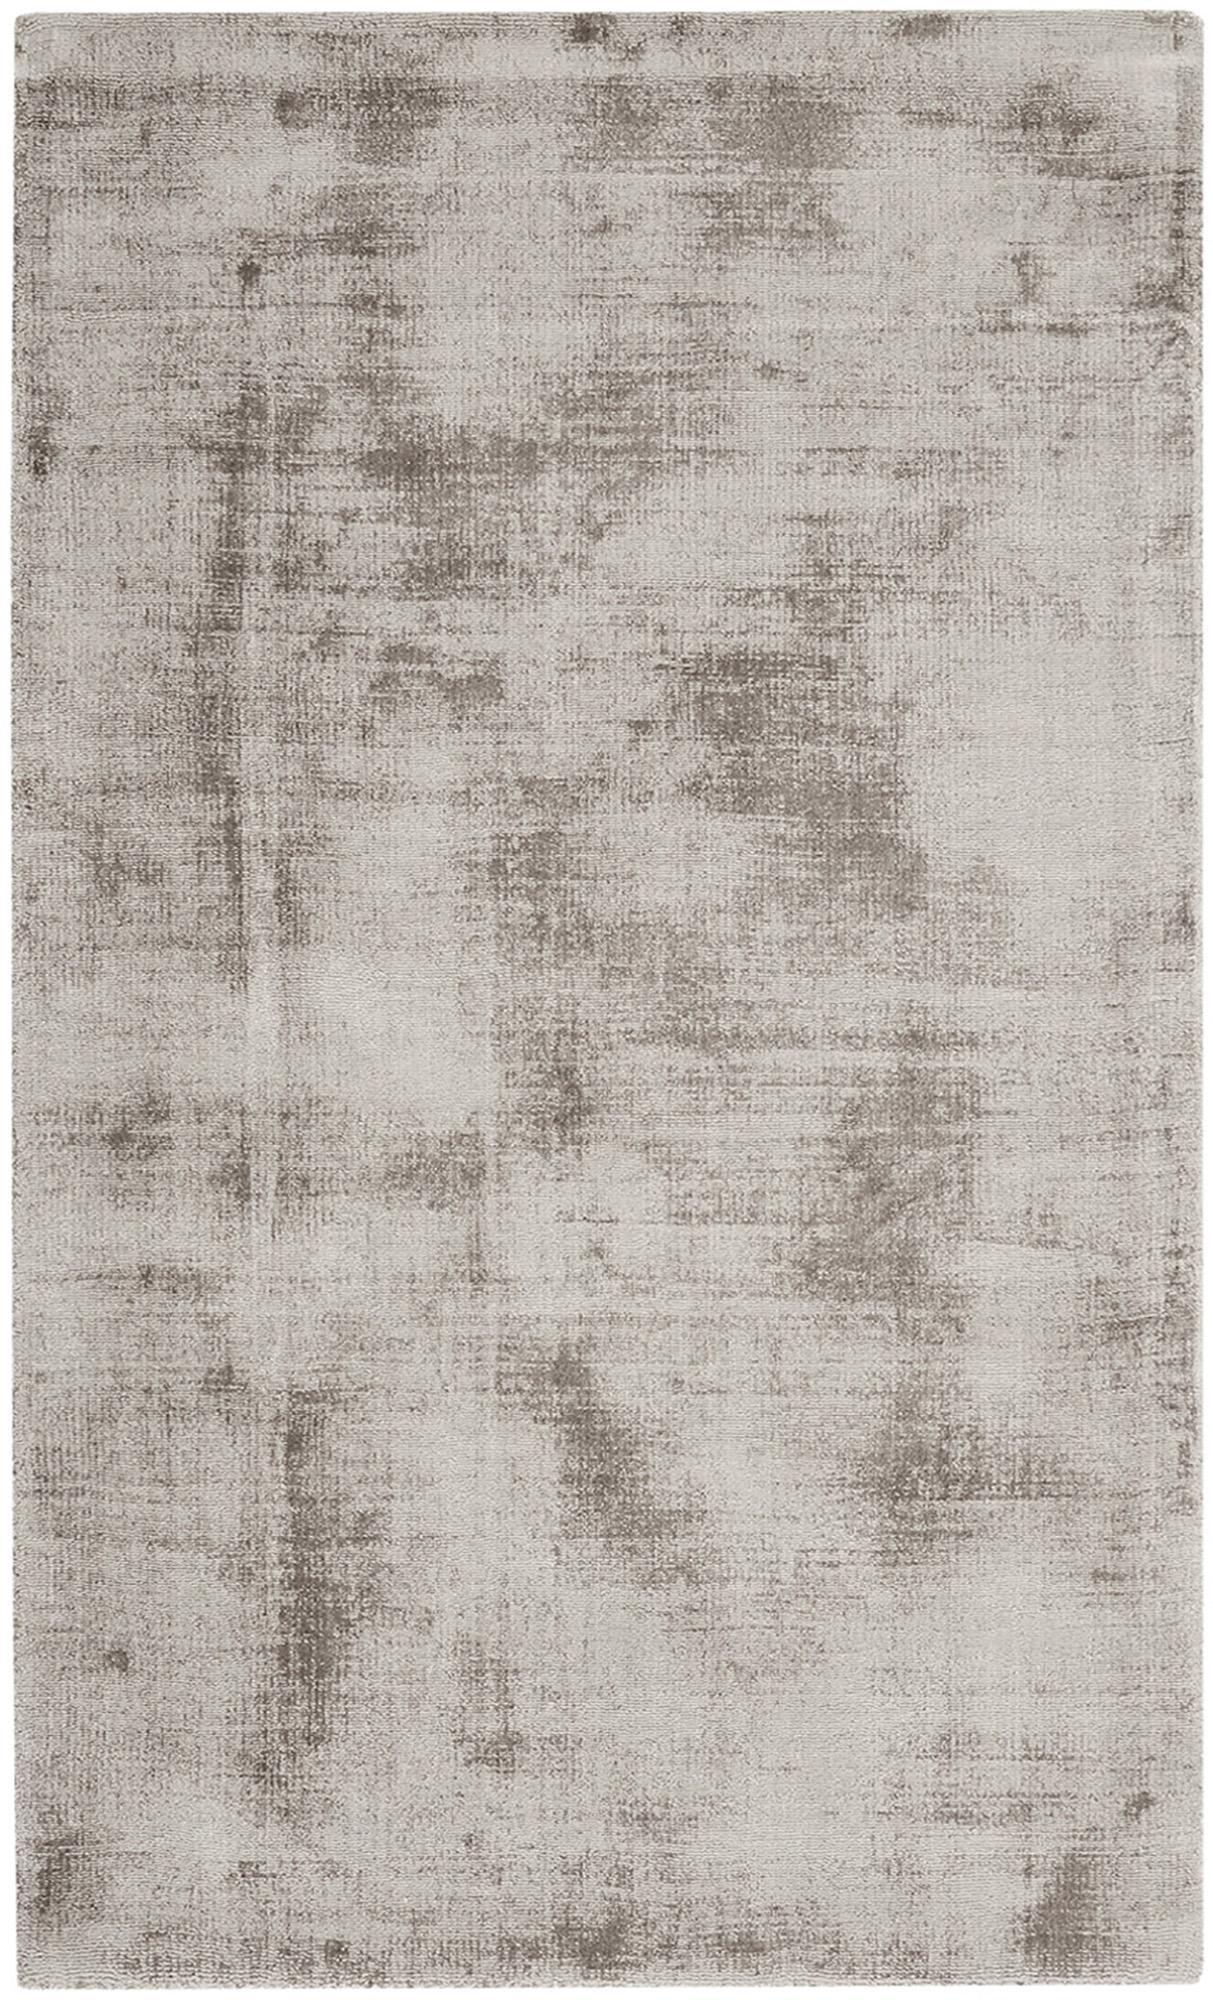 Tappeto in viscosa tessuto a mano Jane, Retro: 100% cotone, Taupe, Larg. 90 x Lung. 150 cm (taglia XS)